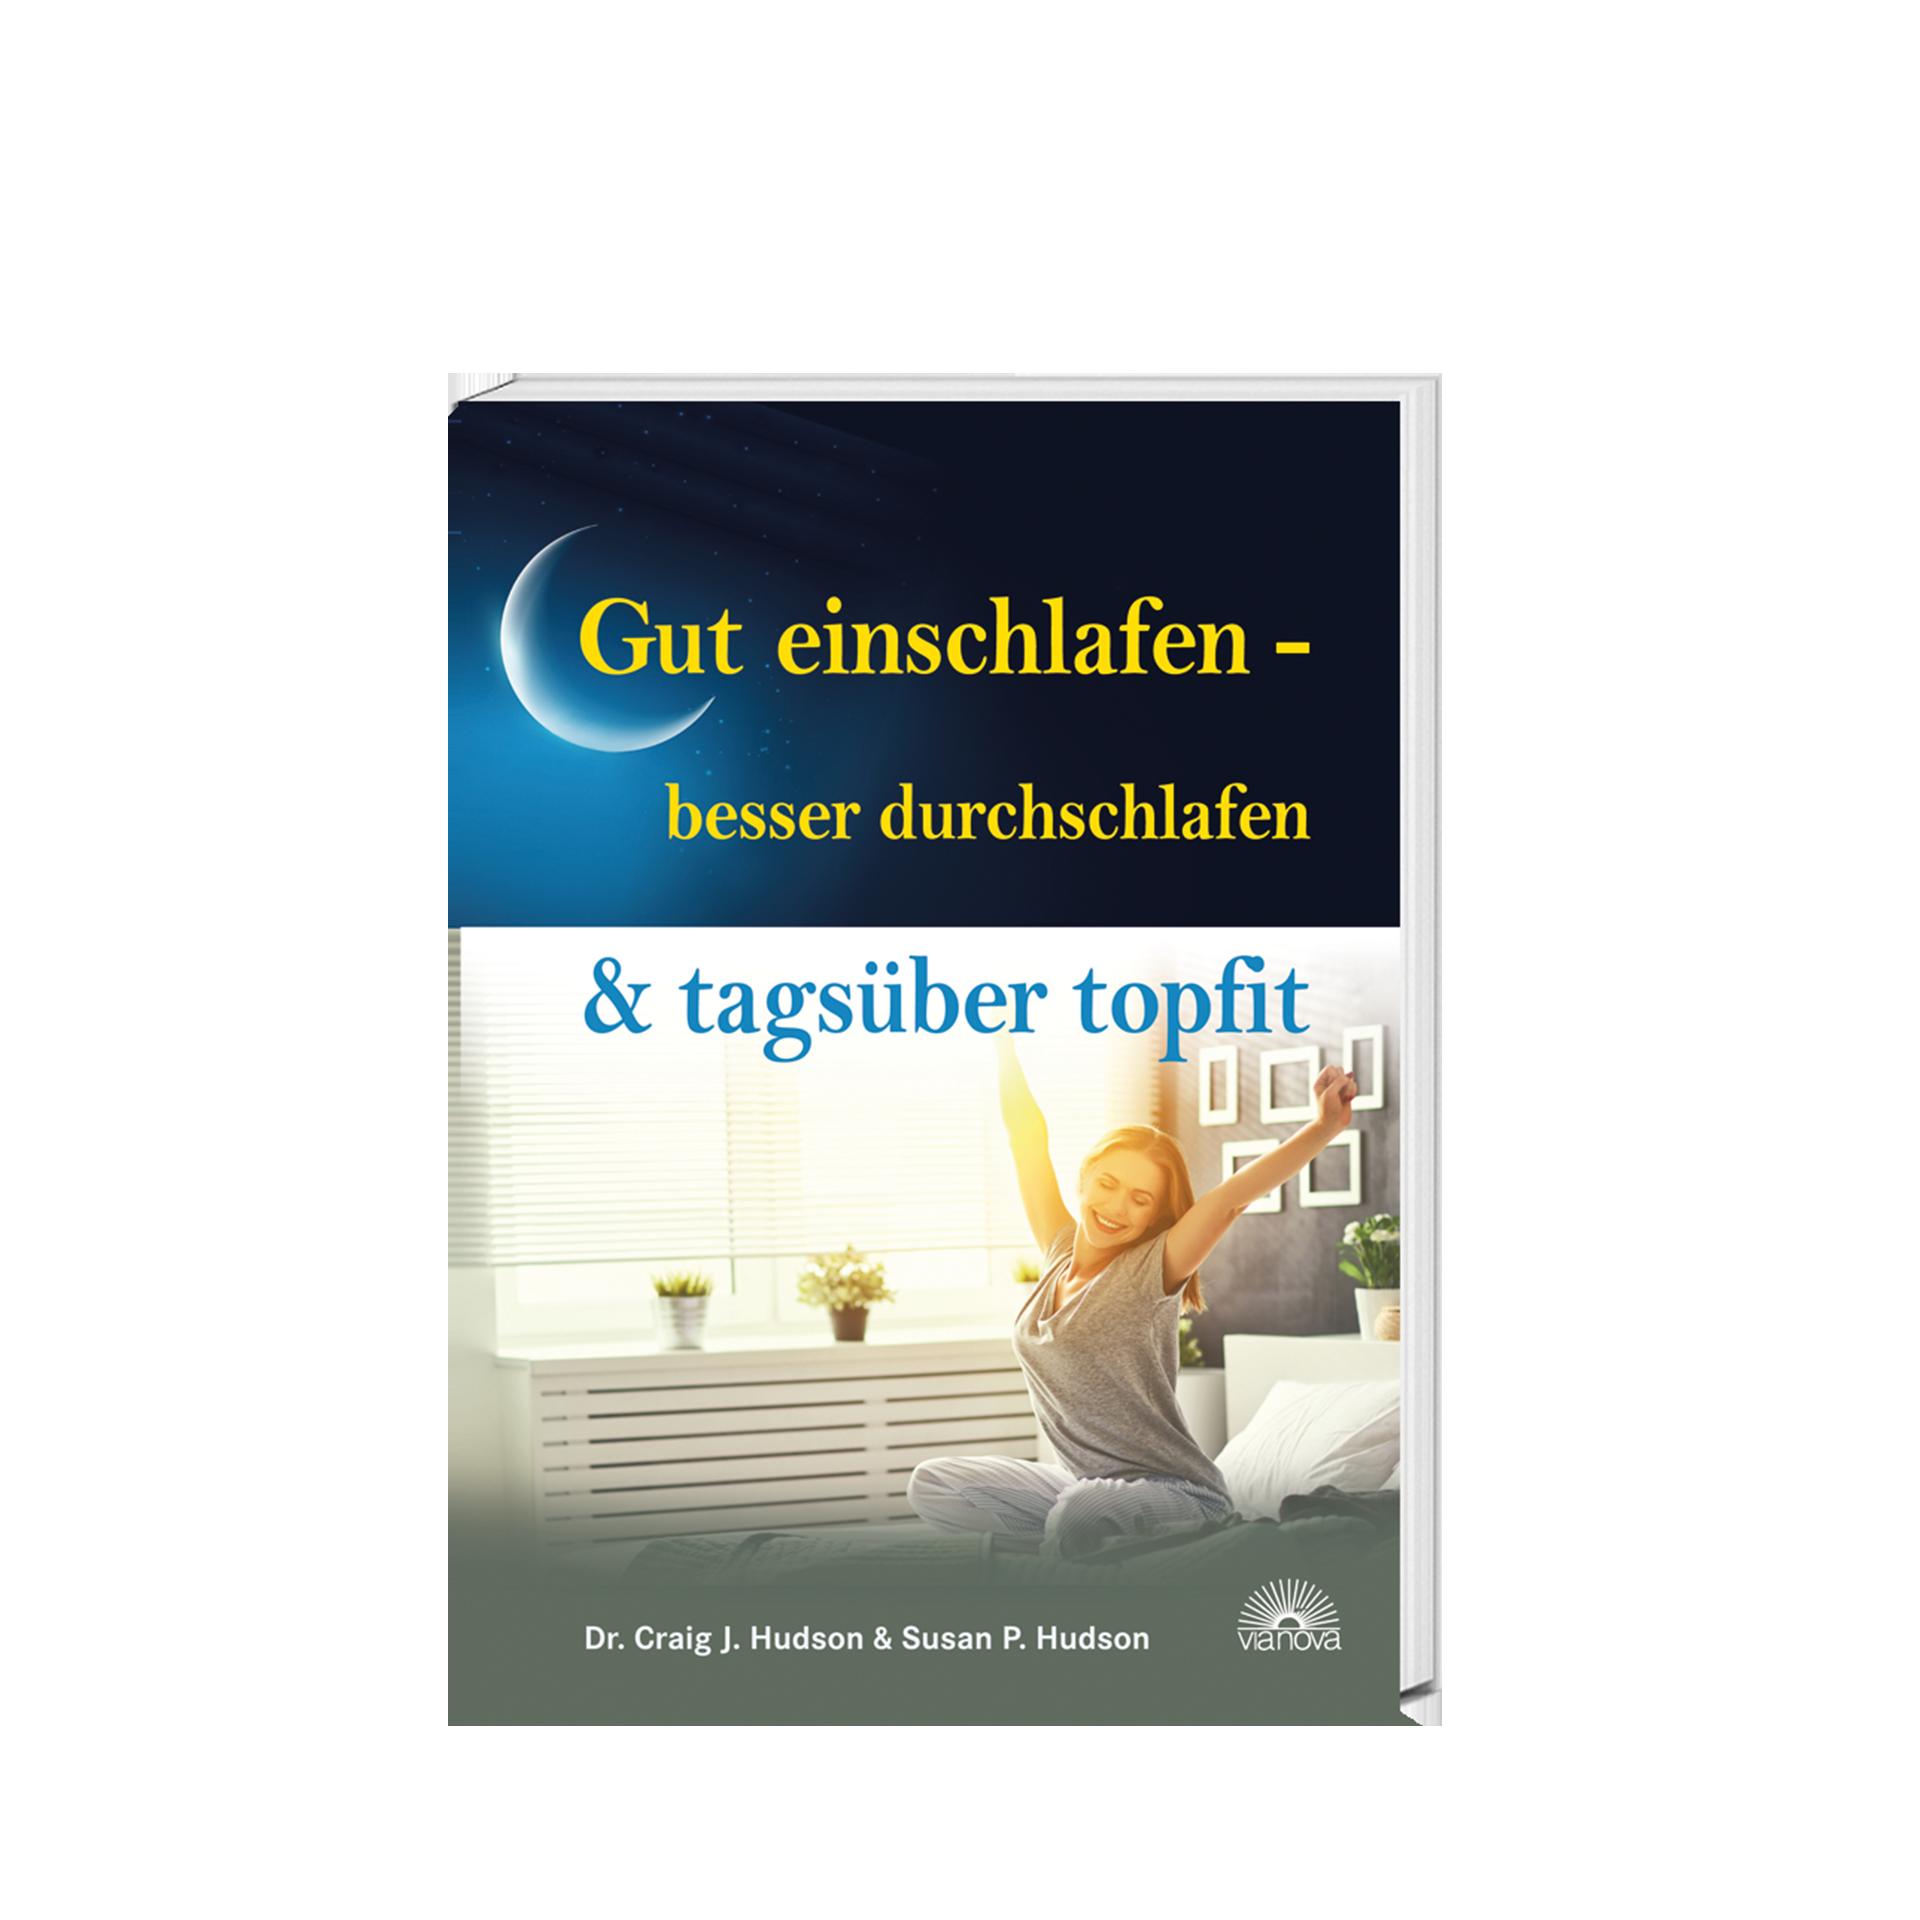 Gut einschlafen - besser durchschlafen & tagsüber topfit, 116 Seiten